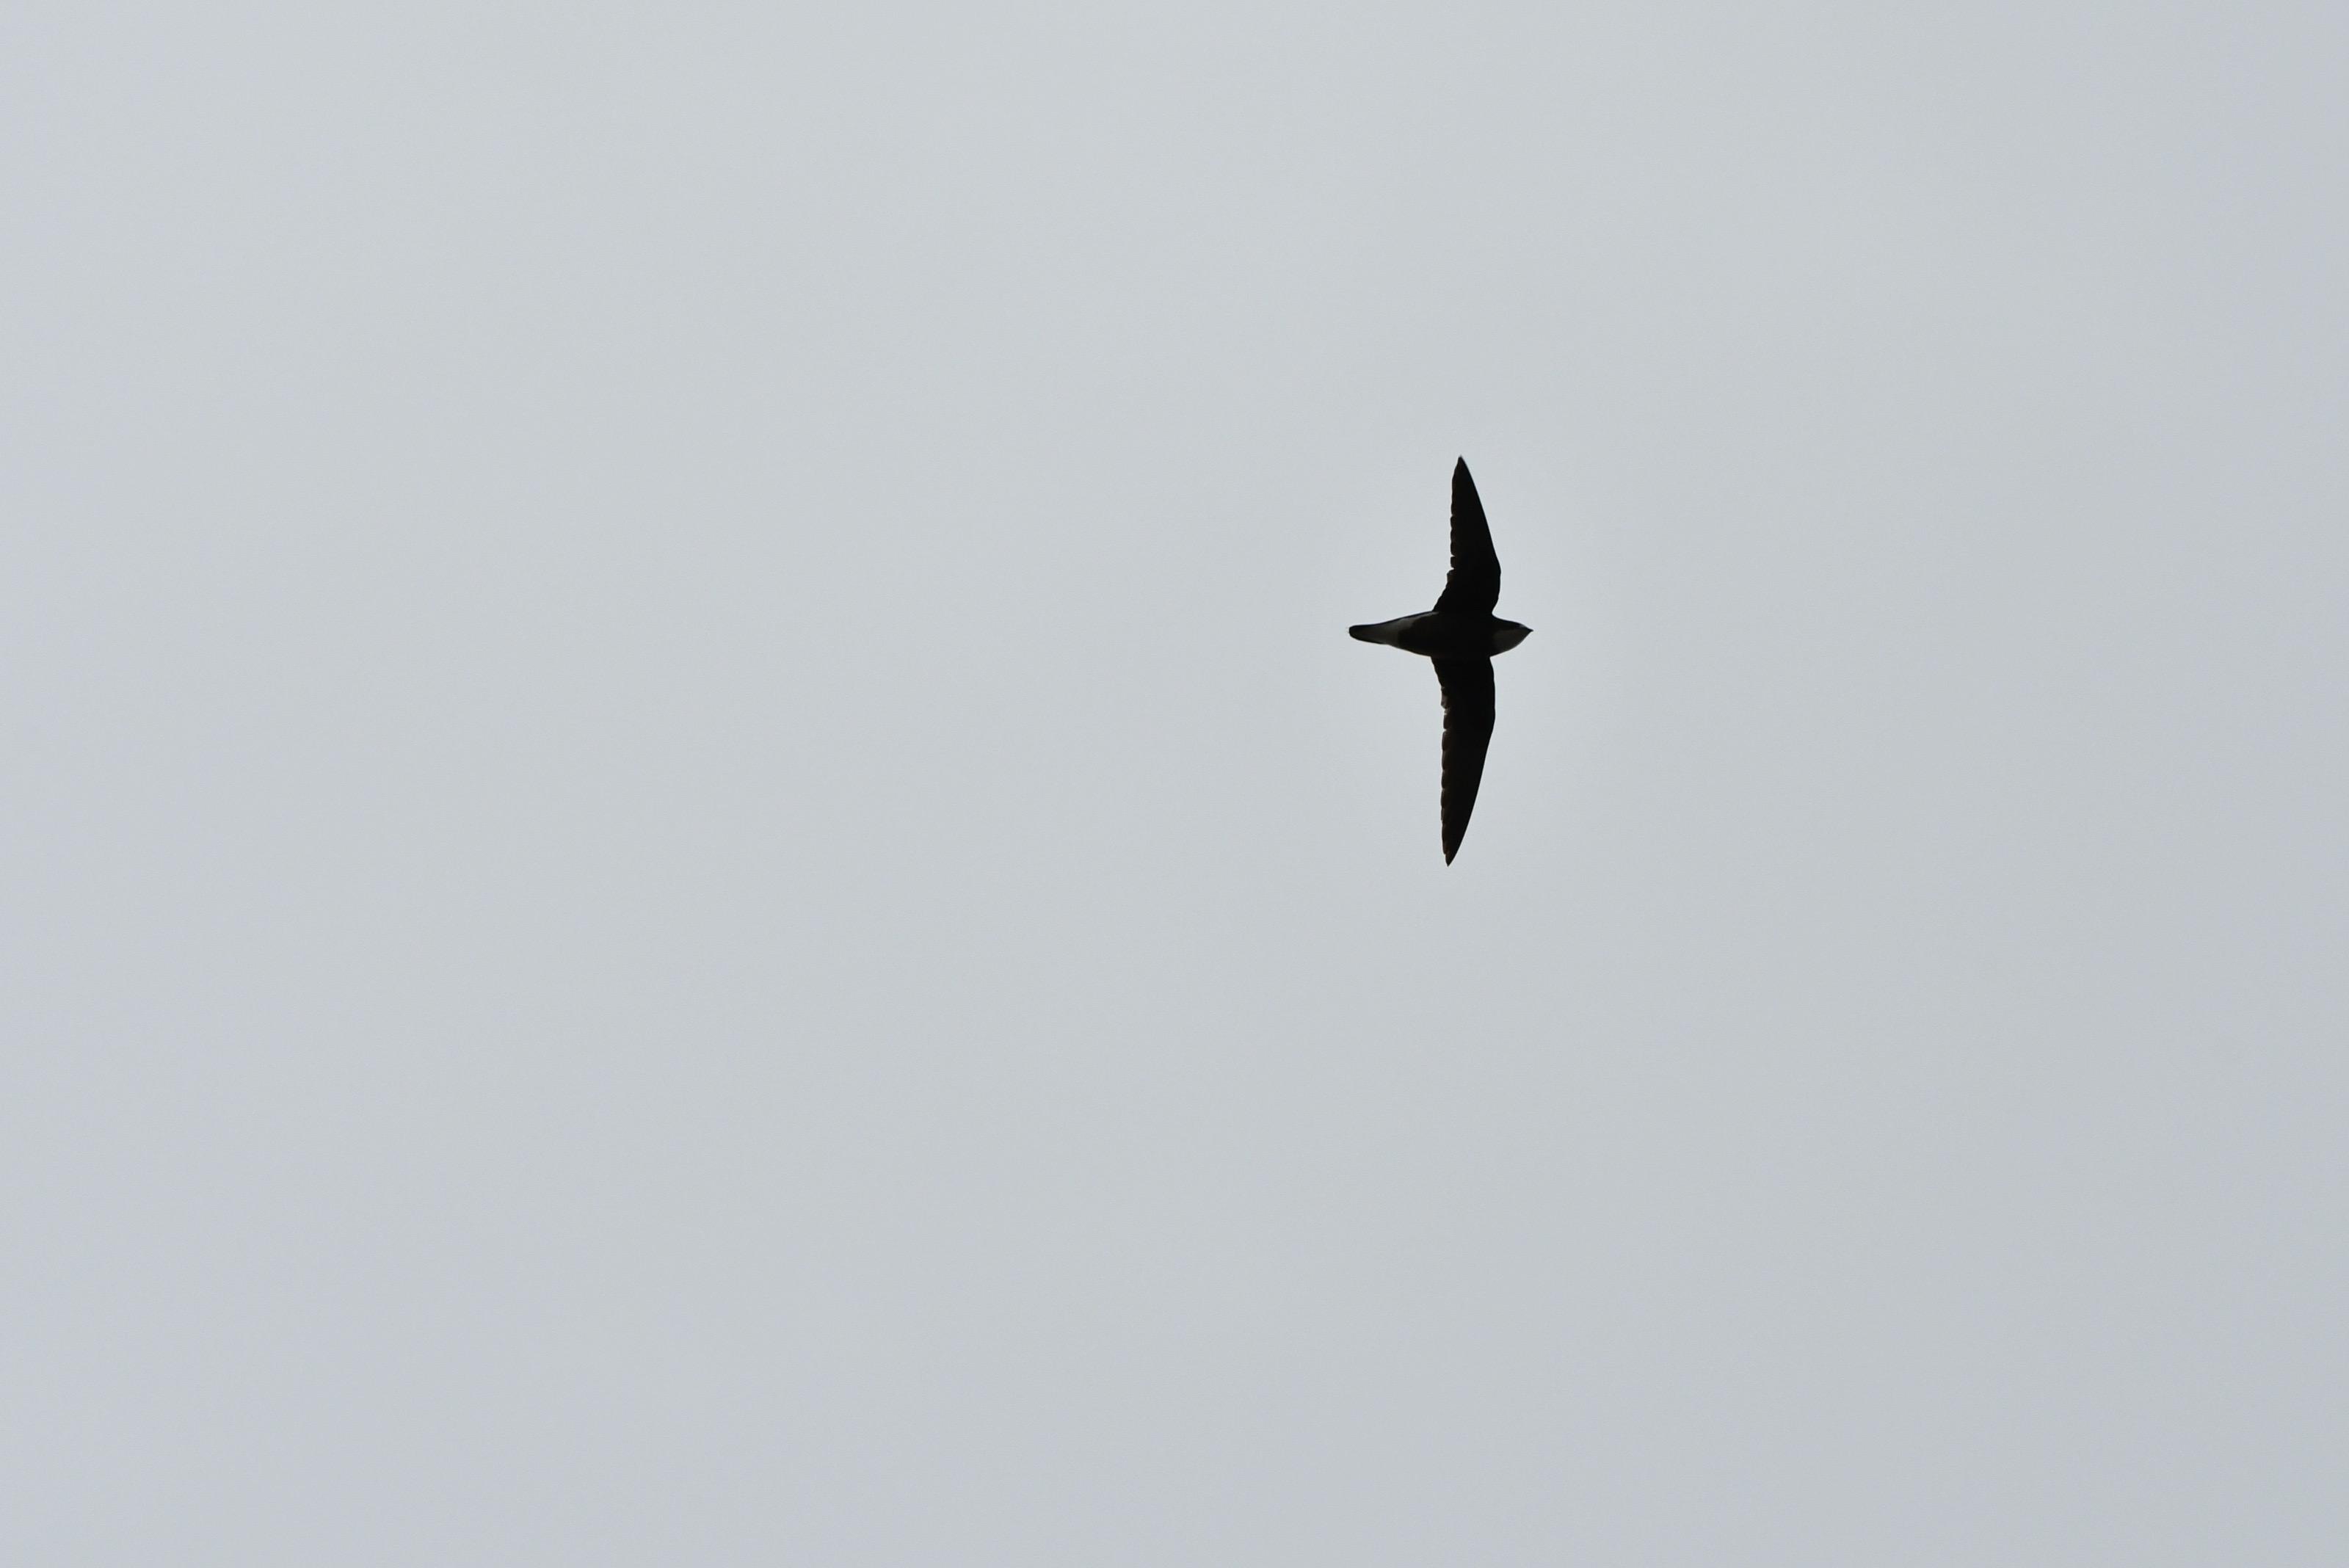 ハリオアマツバメの尾の針